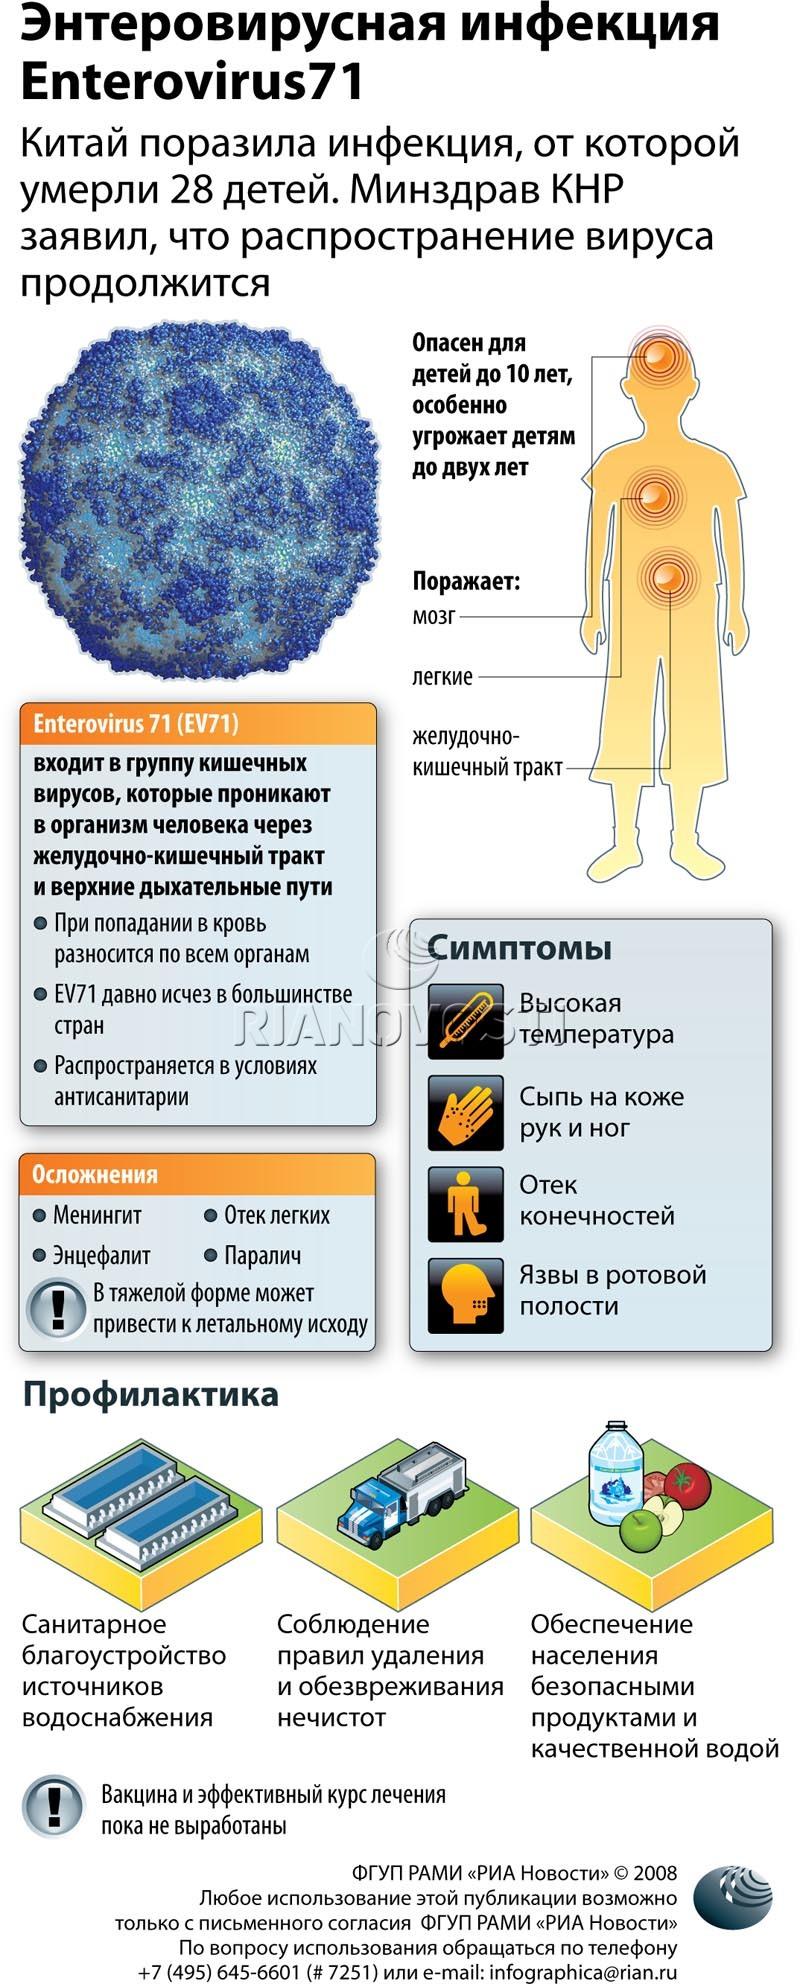 энтеровирусная инфекция симптомы у детей фото